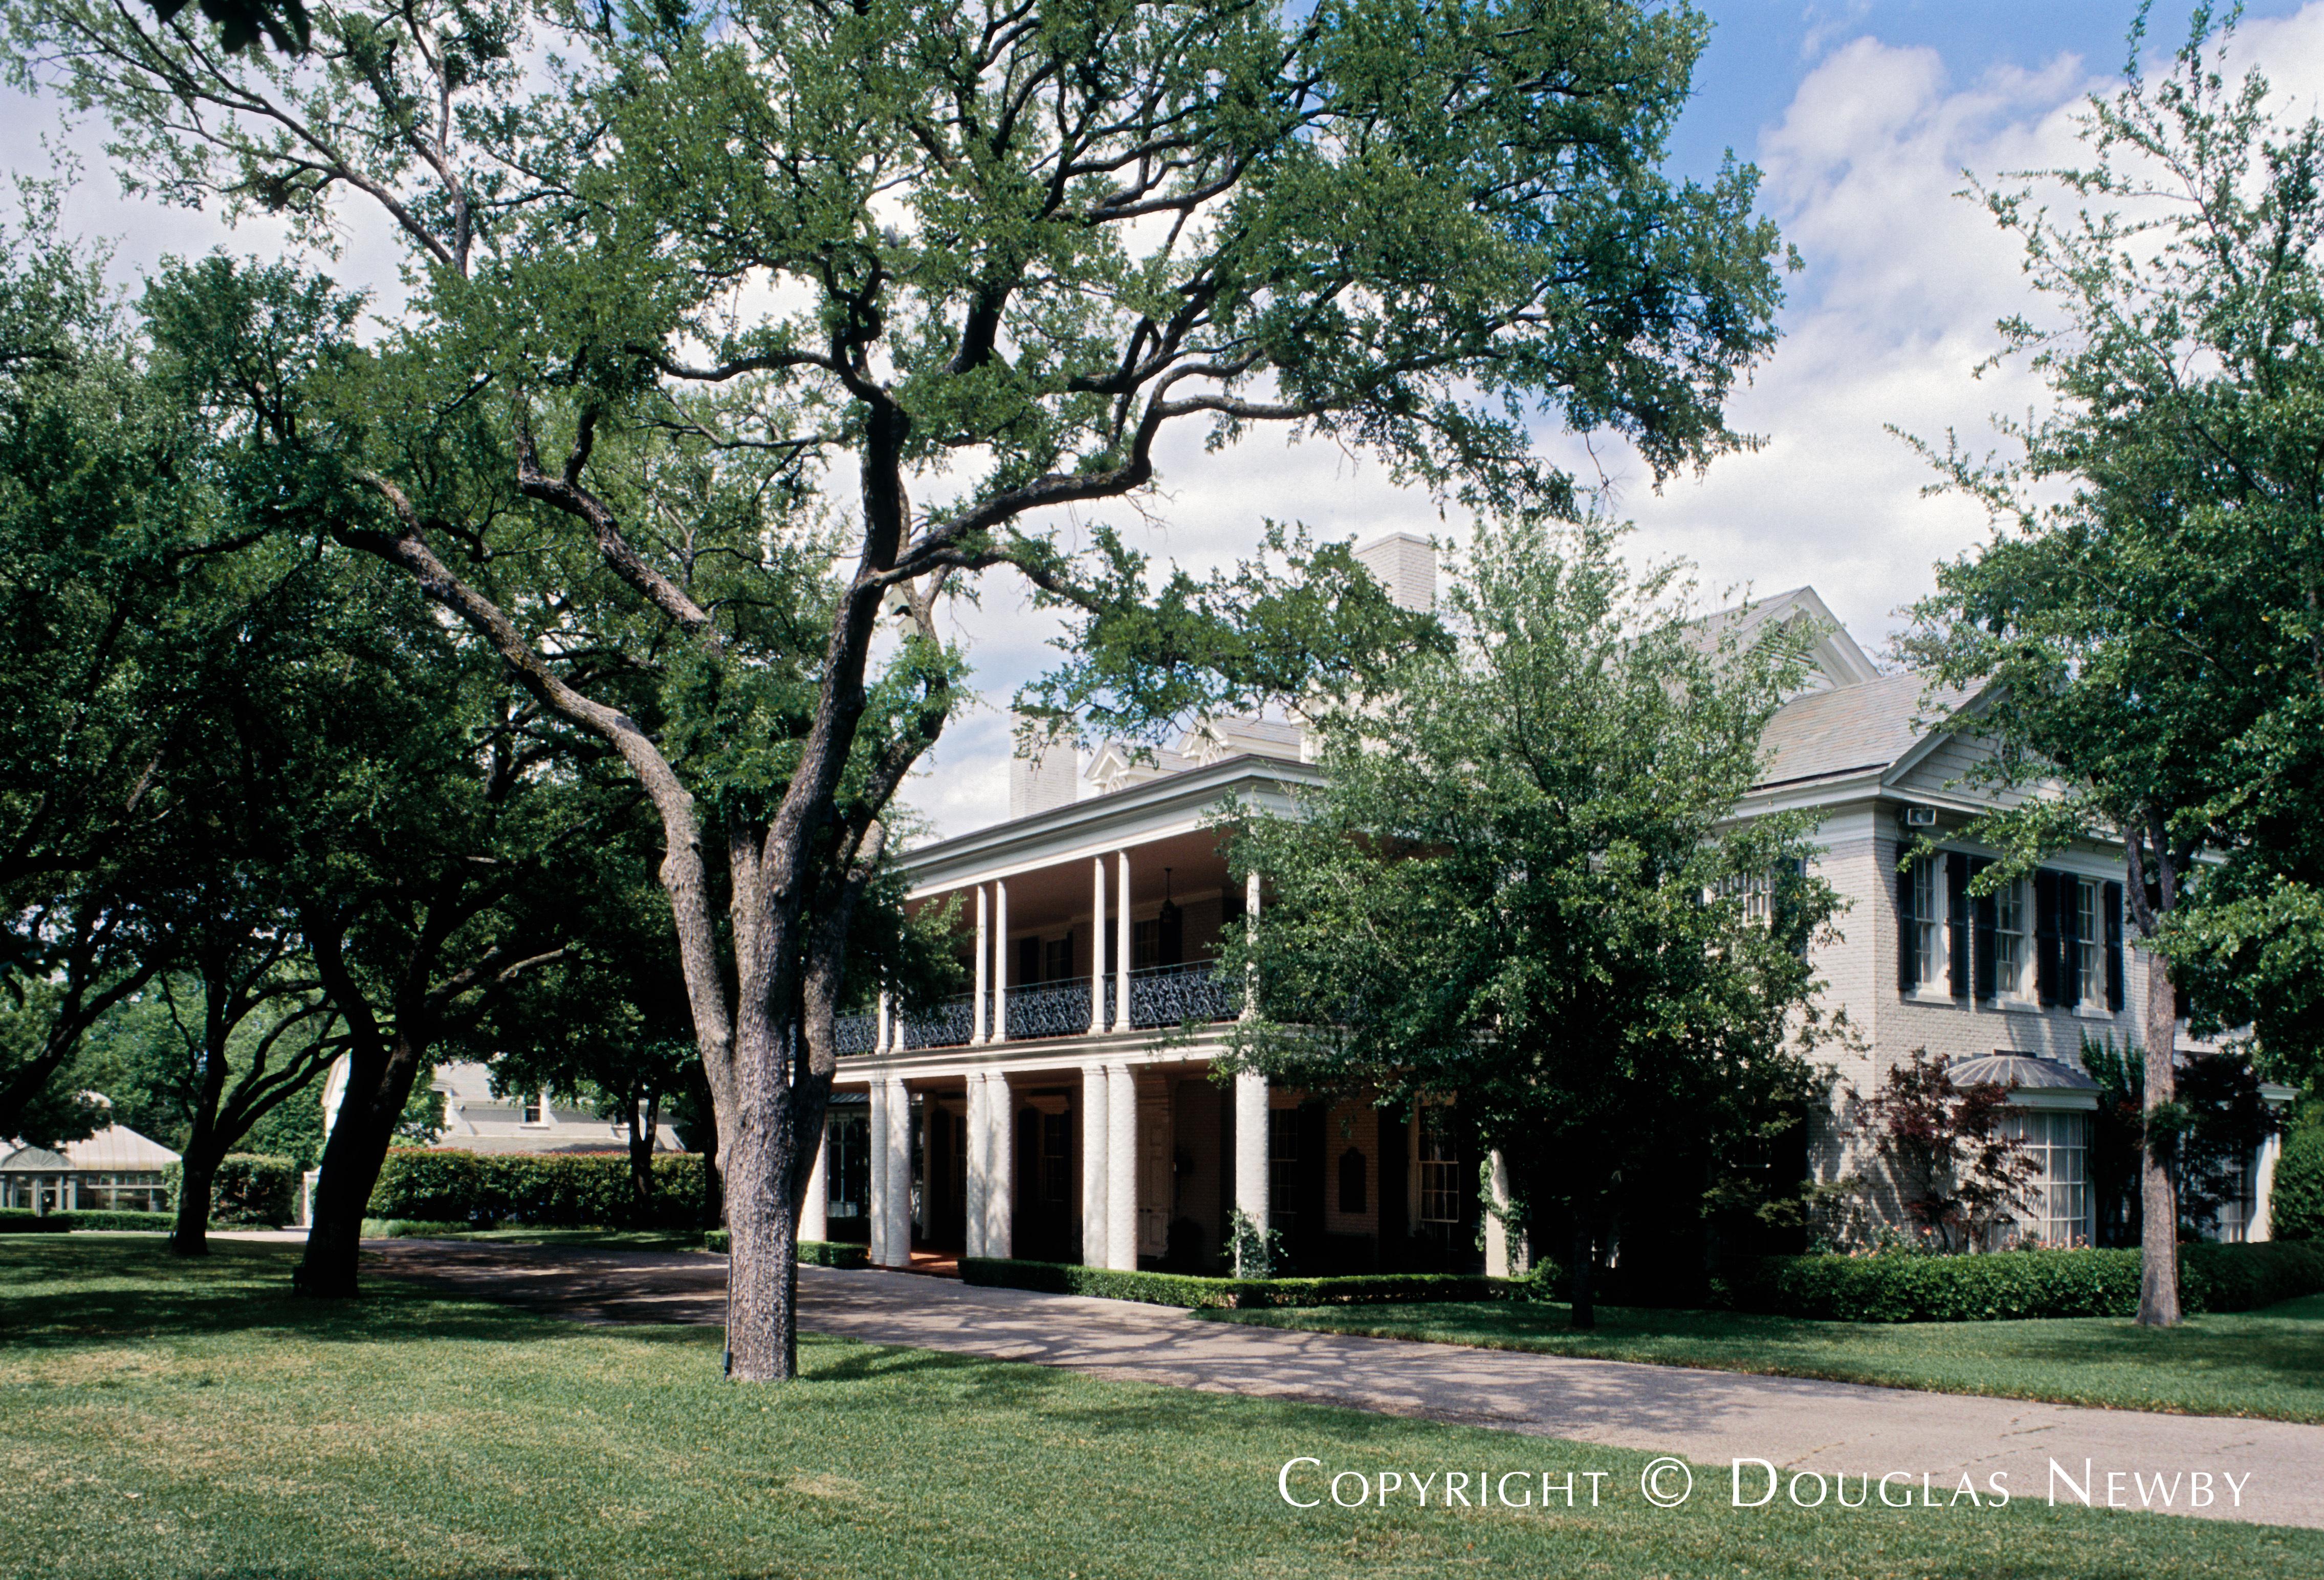 Architect Larry Boerder Designed Home in Highland Park